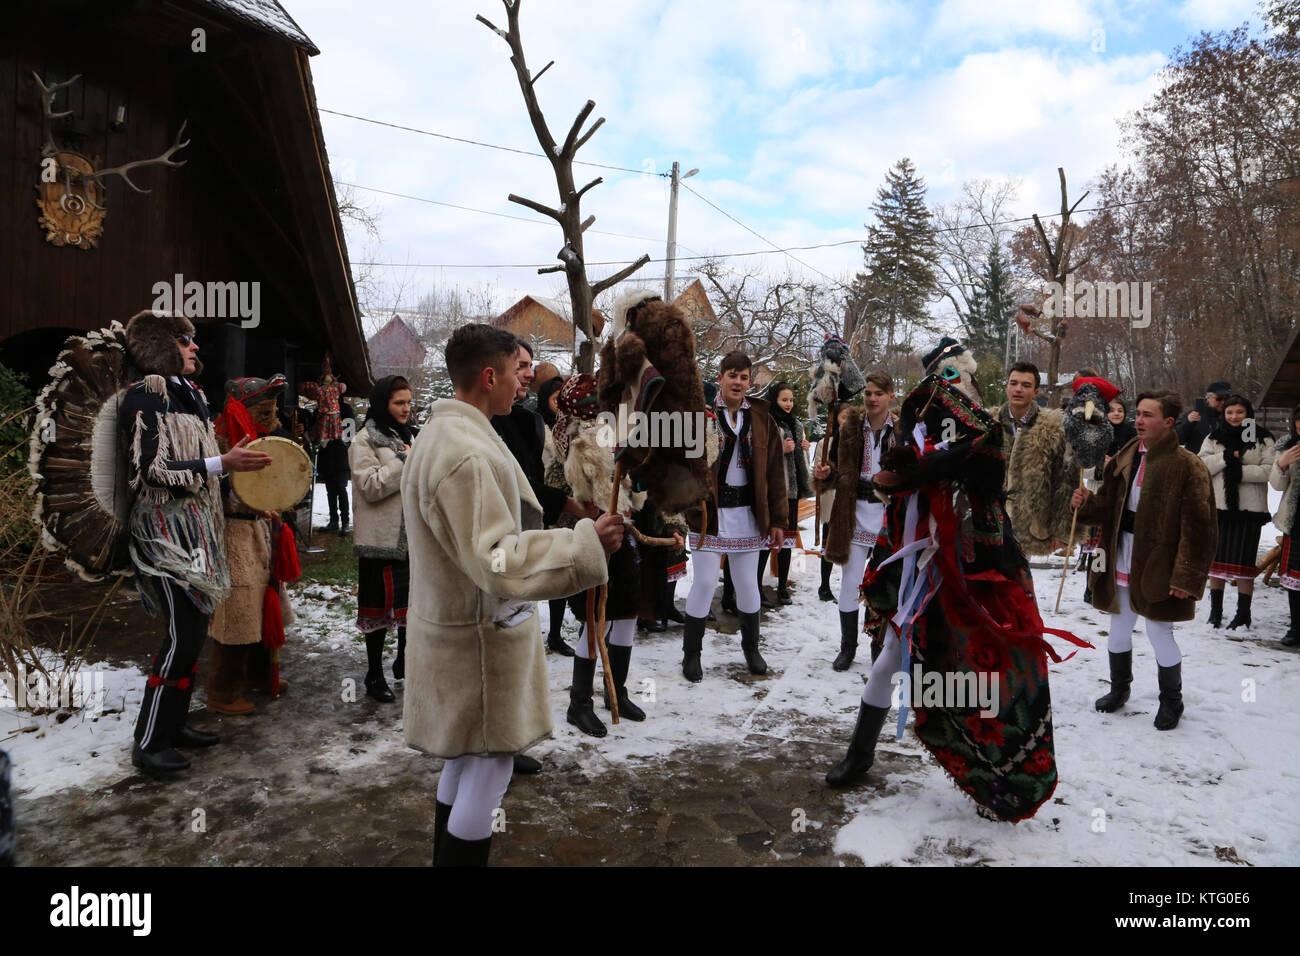 Come Si Dice Buon Natale In Rumeno.Buon Natale In Rumeno